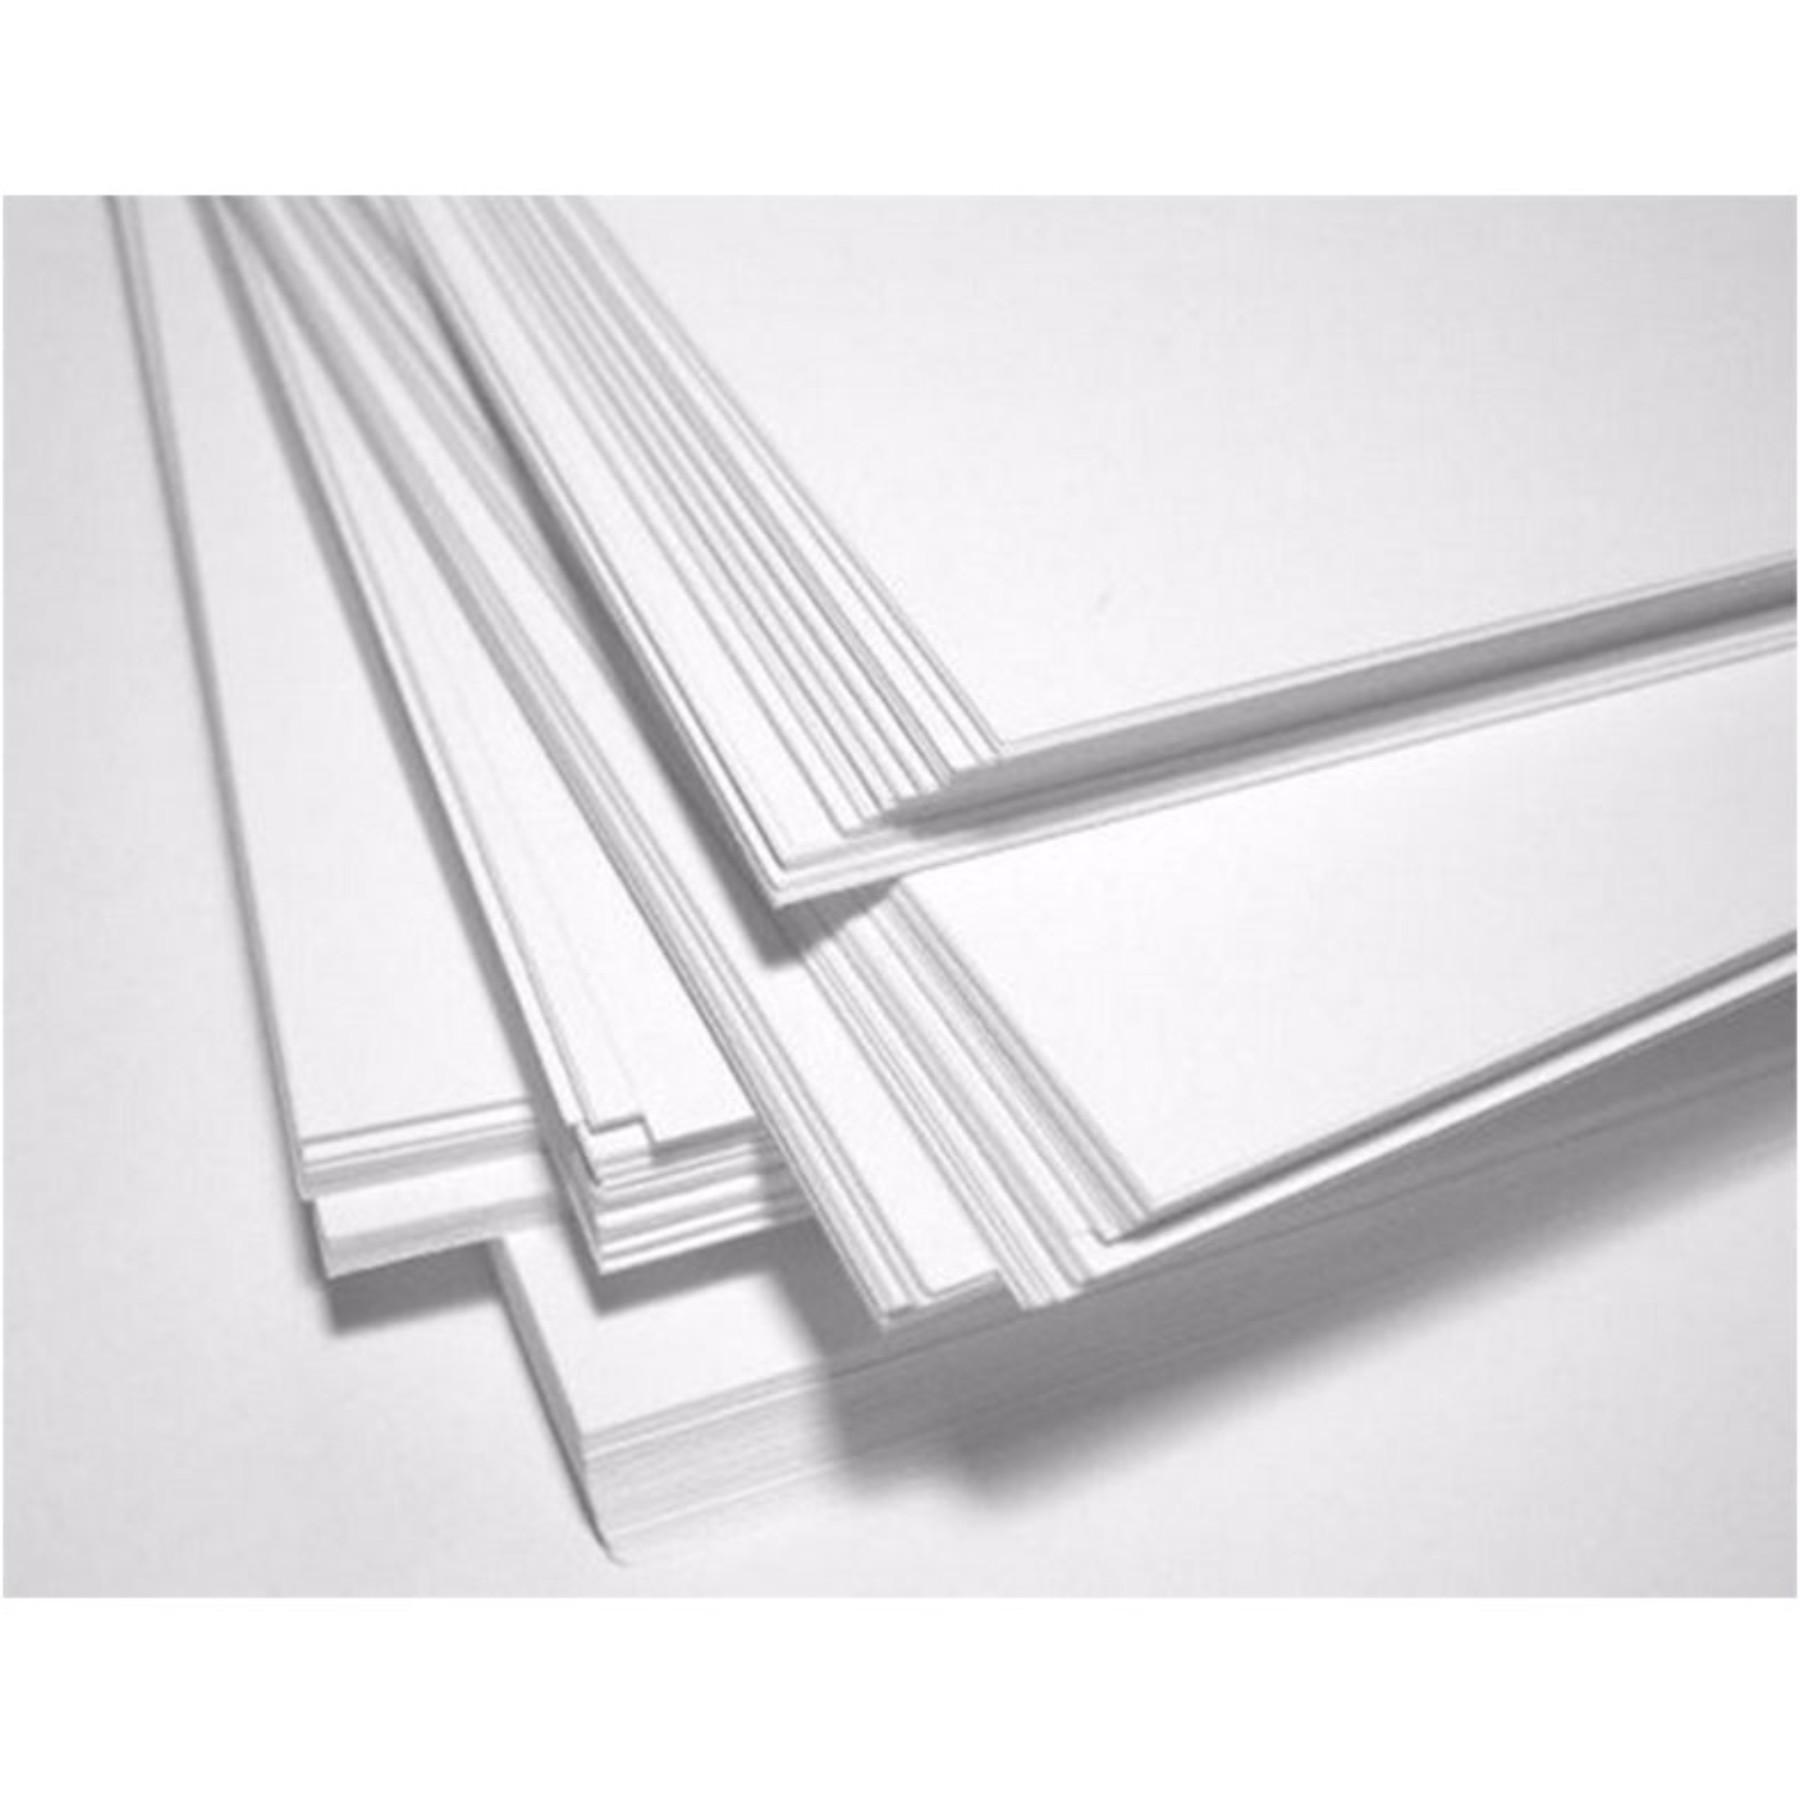 Papel Bond, 50 hojas, Tamaño Carta, 140 gr., color blanco.